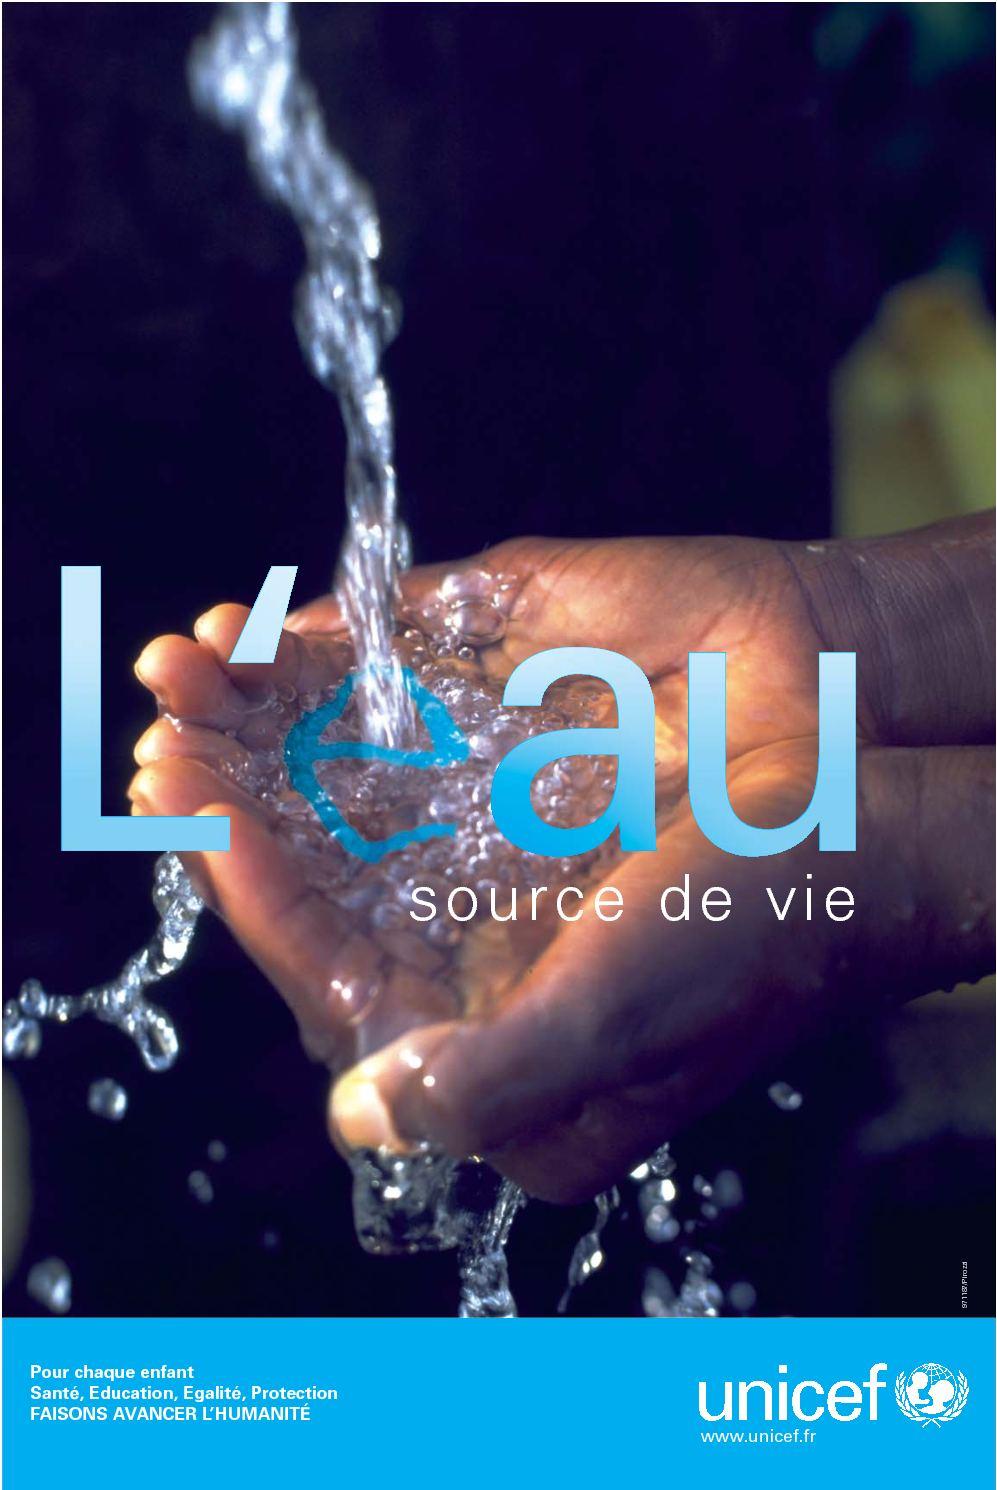 UNICEF - L'eau